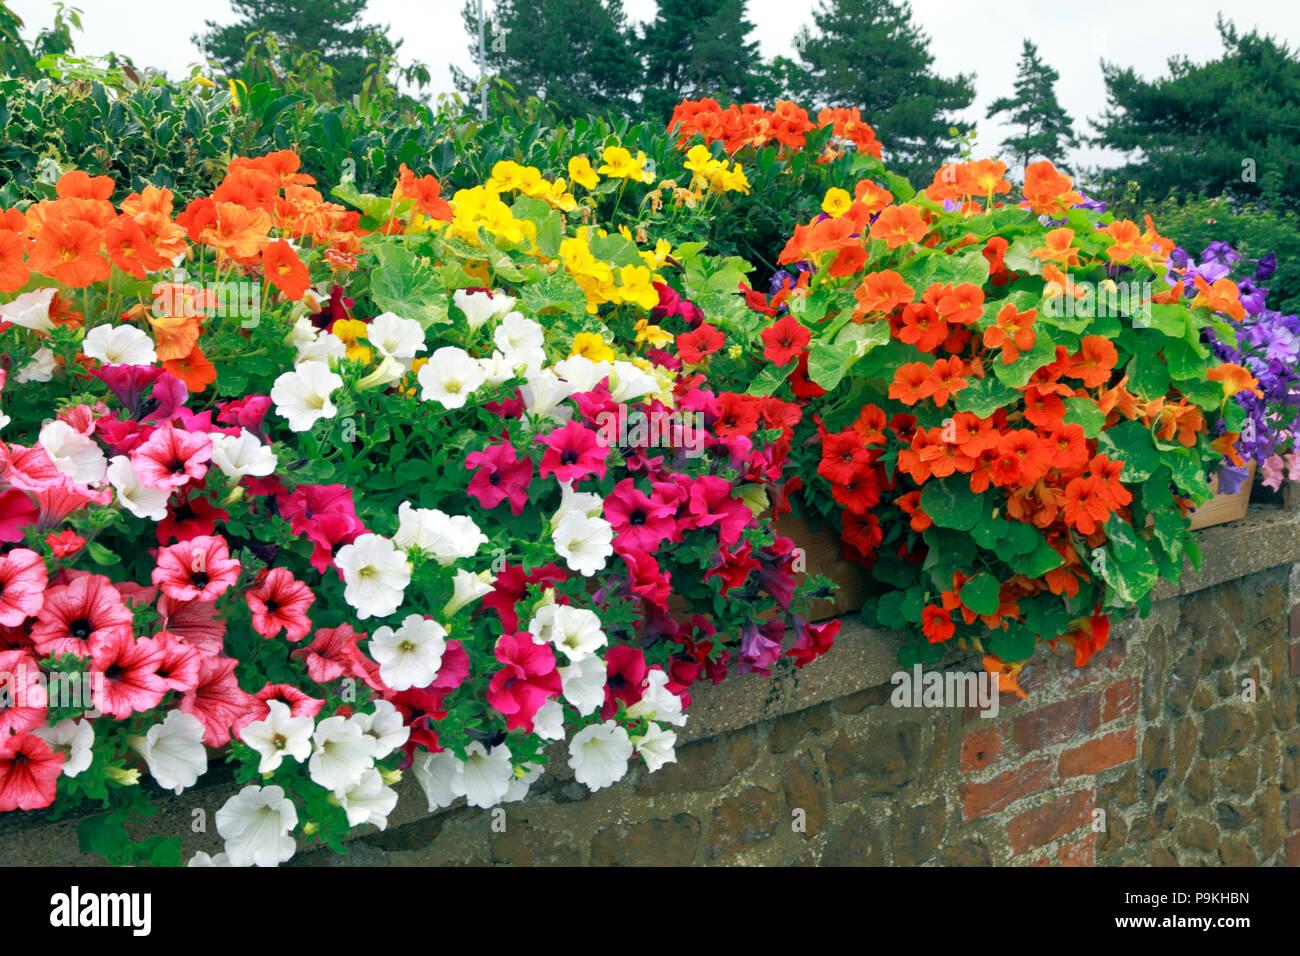 Garten Wand, Petunien, blau, orange, pink, weiß, gelb Farben Stockbild